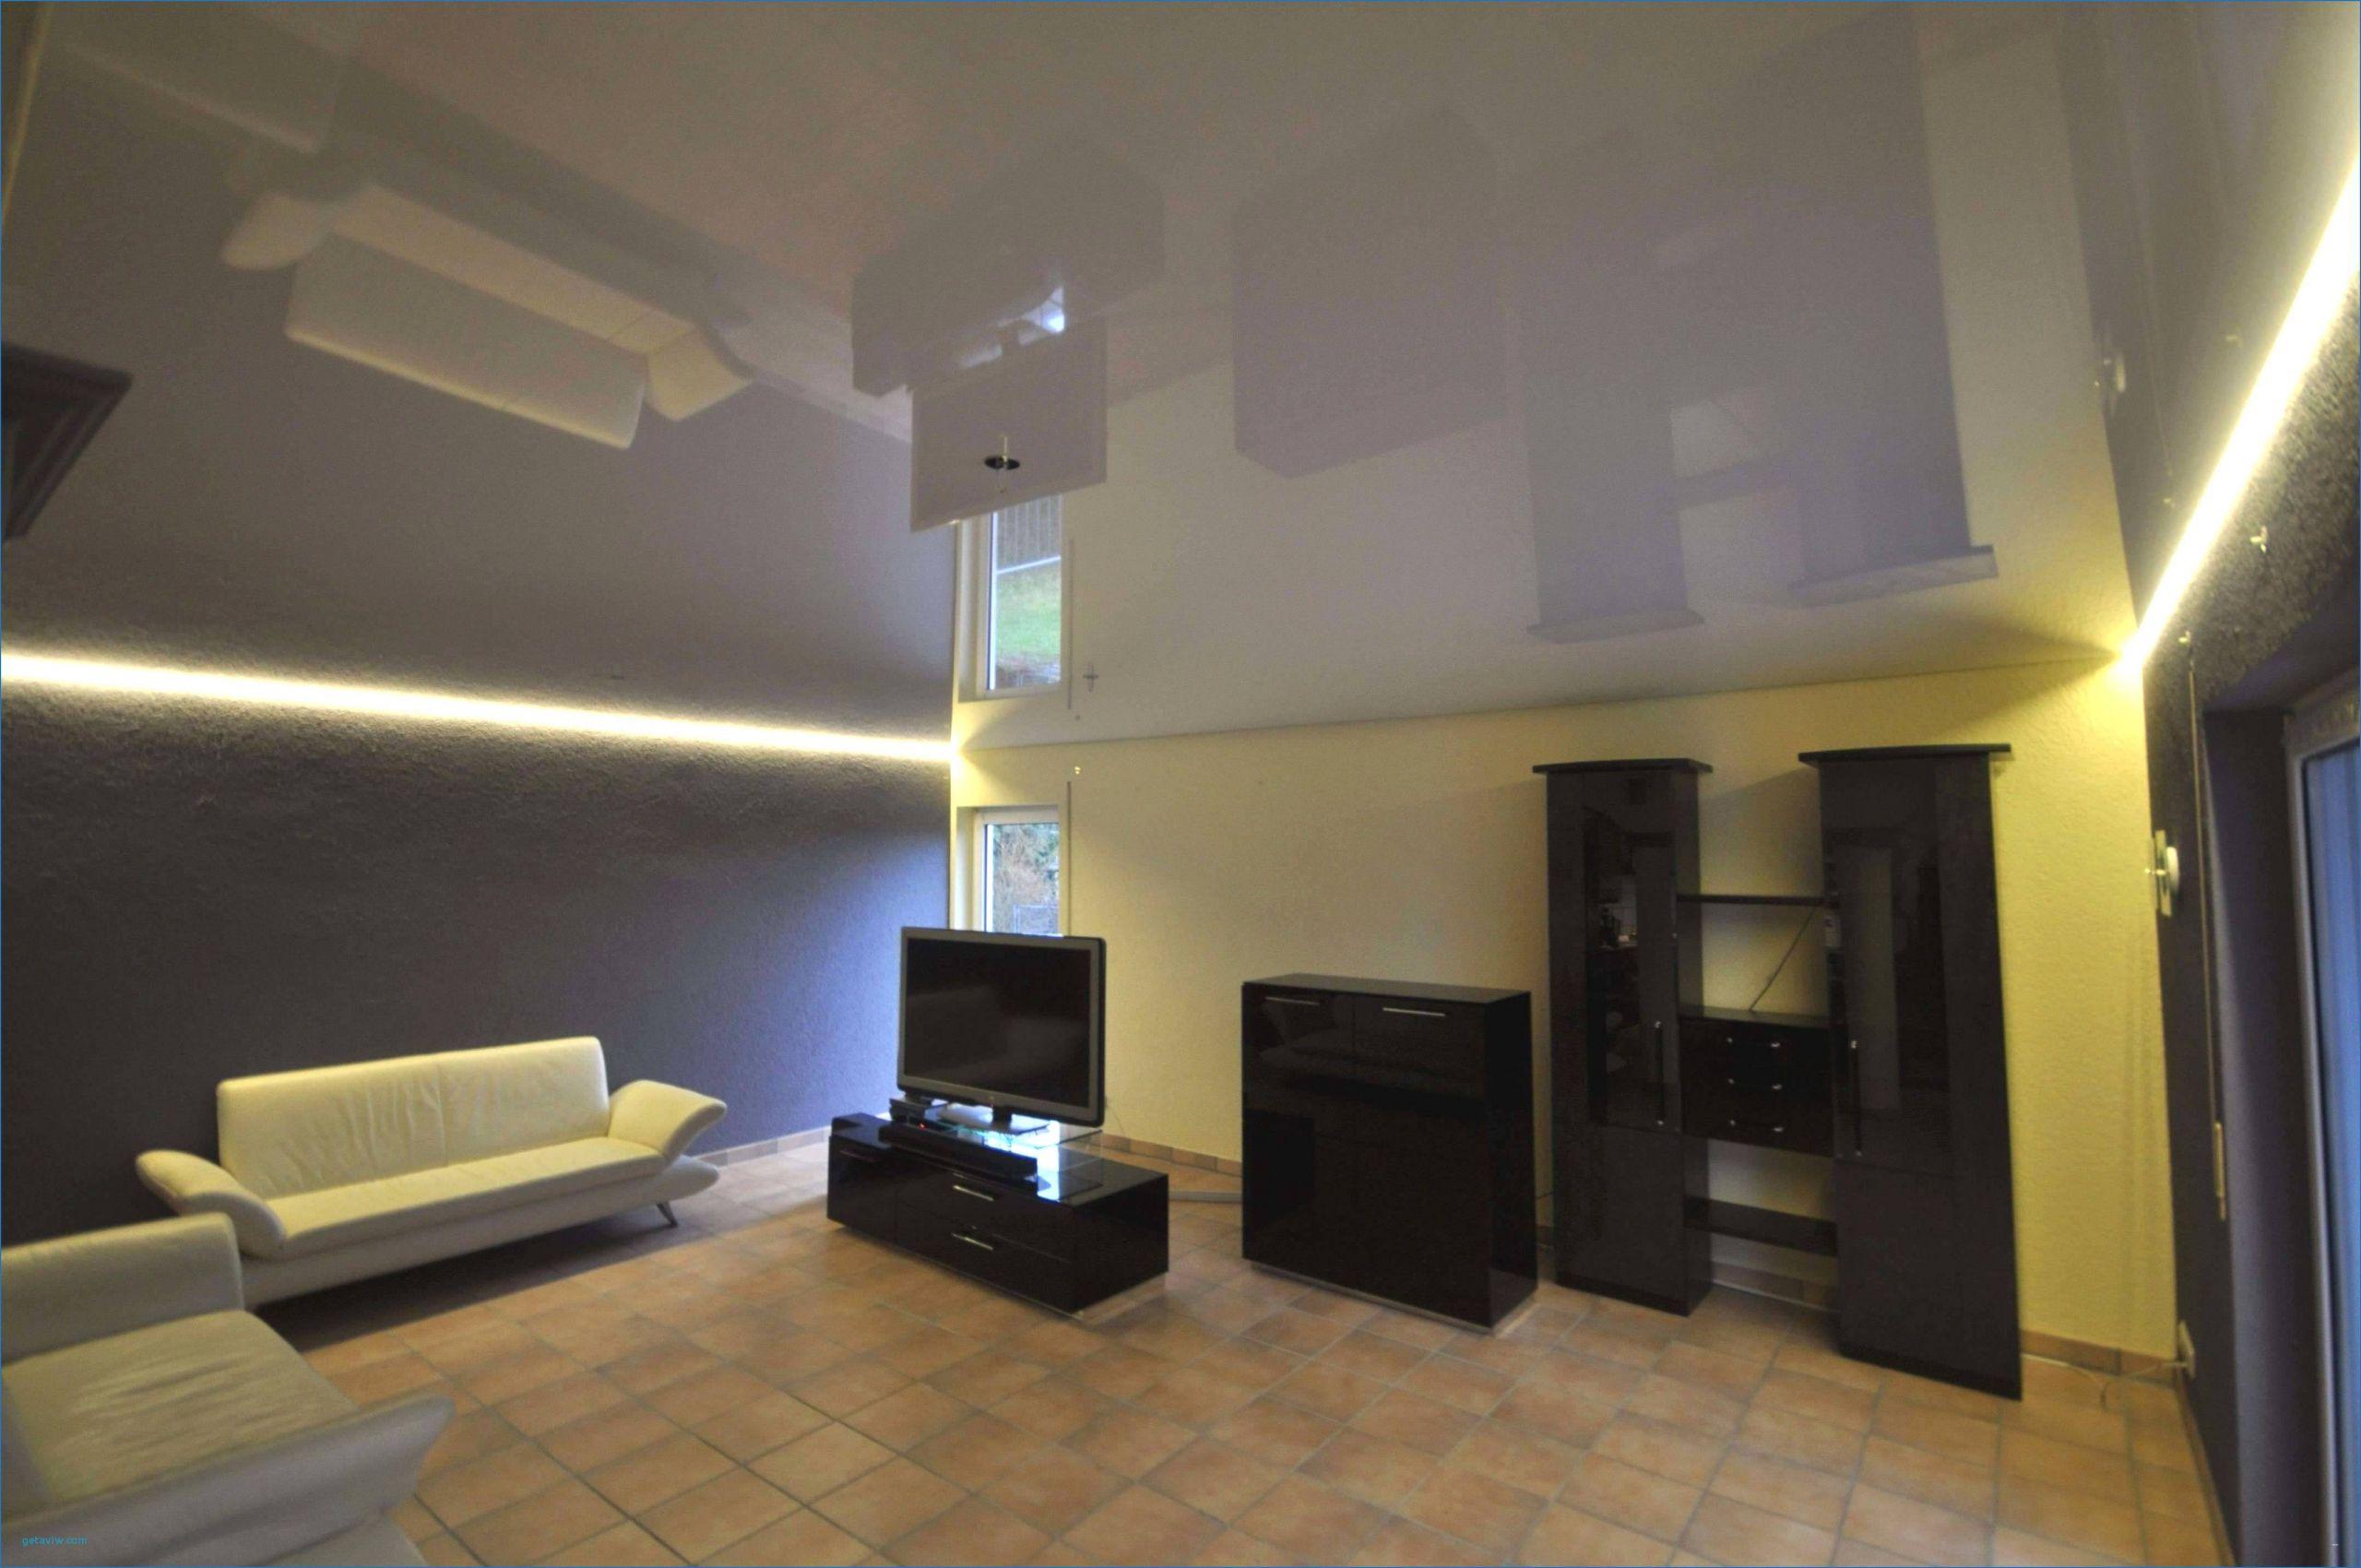 licht deko wohnzimmer inspirierend niedlich deko decke von sofa design best graue couch 0d archives of licht deko wohnzimmer